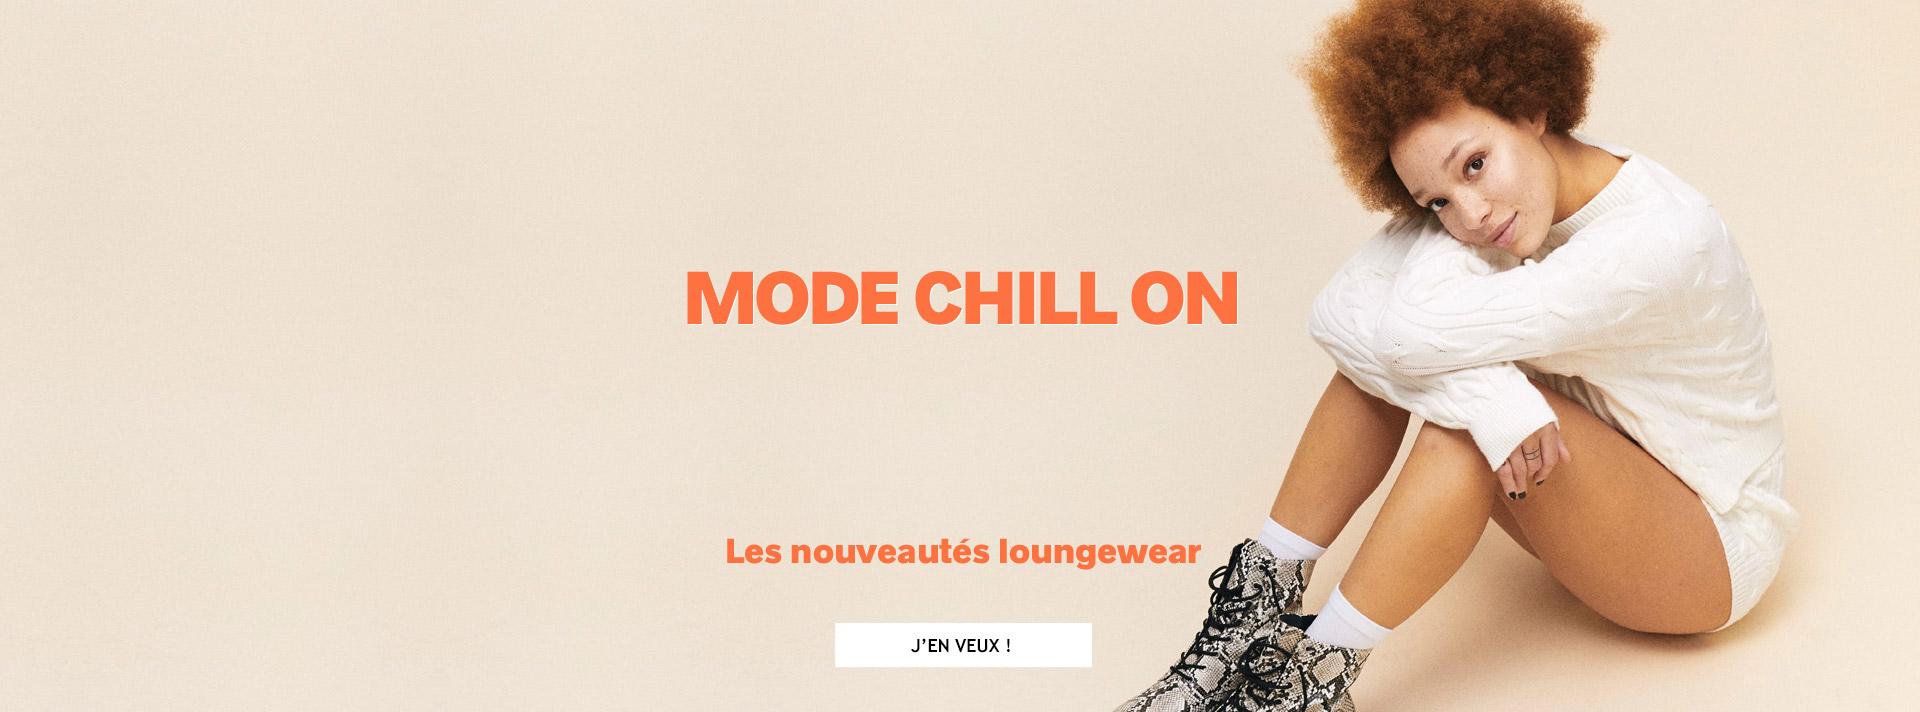 les nouveautés loungewear